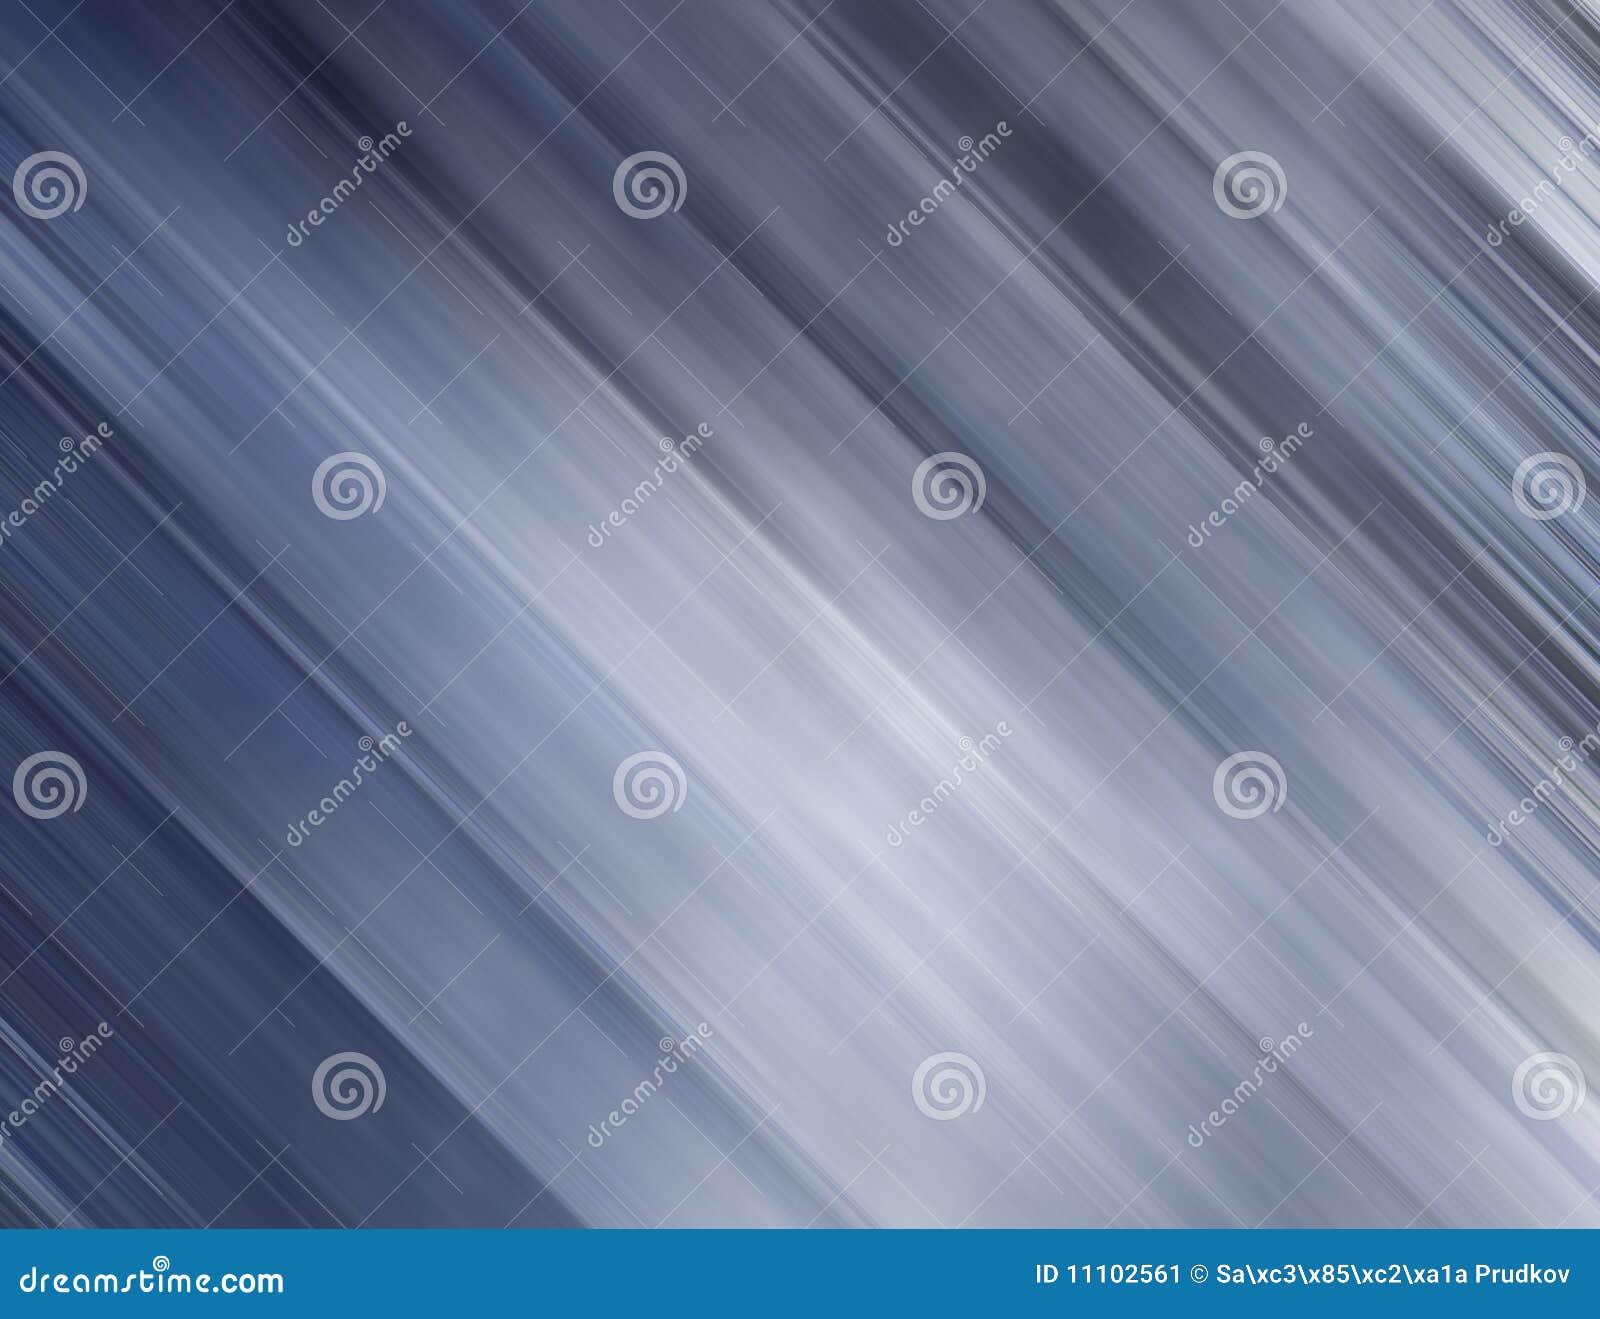 Fondo borroso abstracto hecho de líneas diagonales